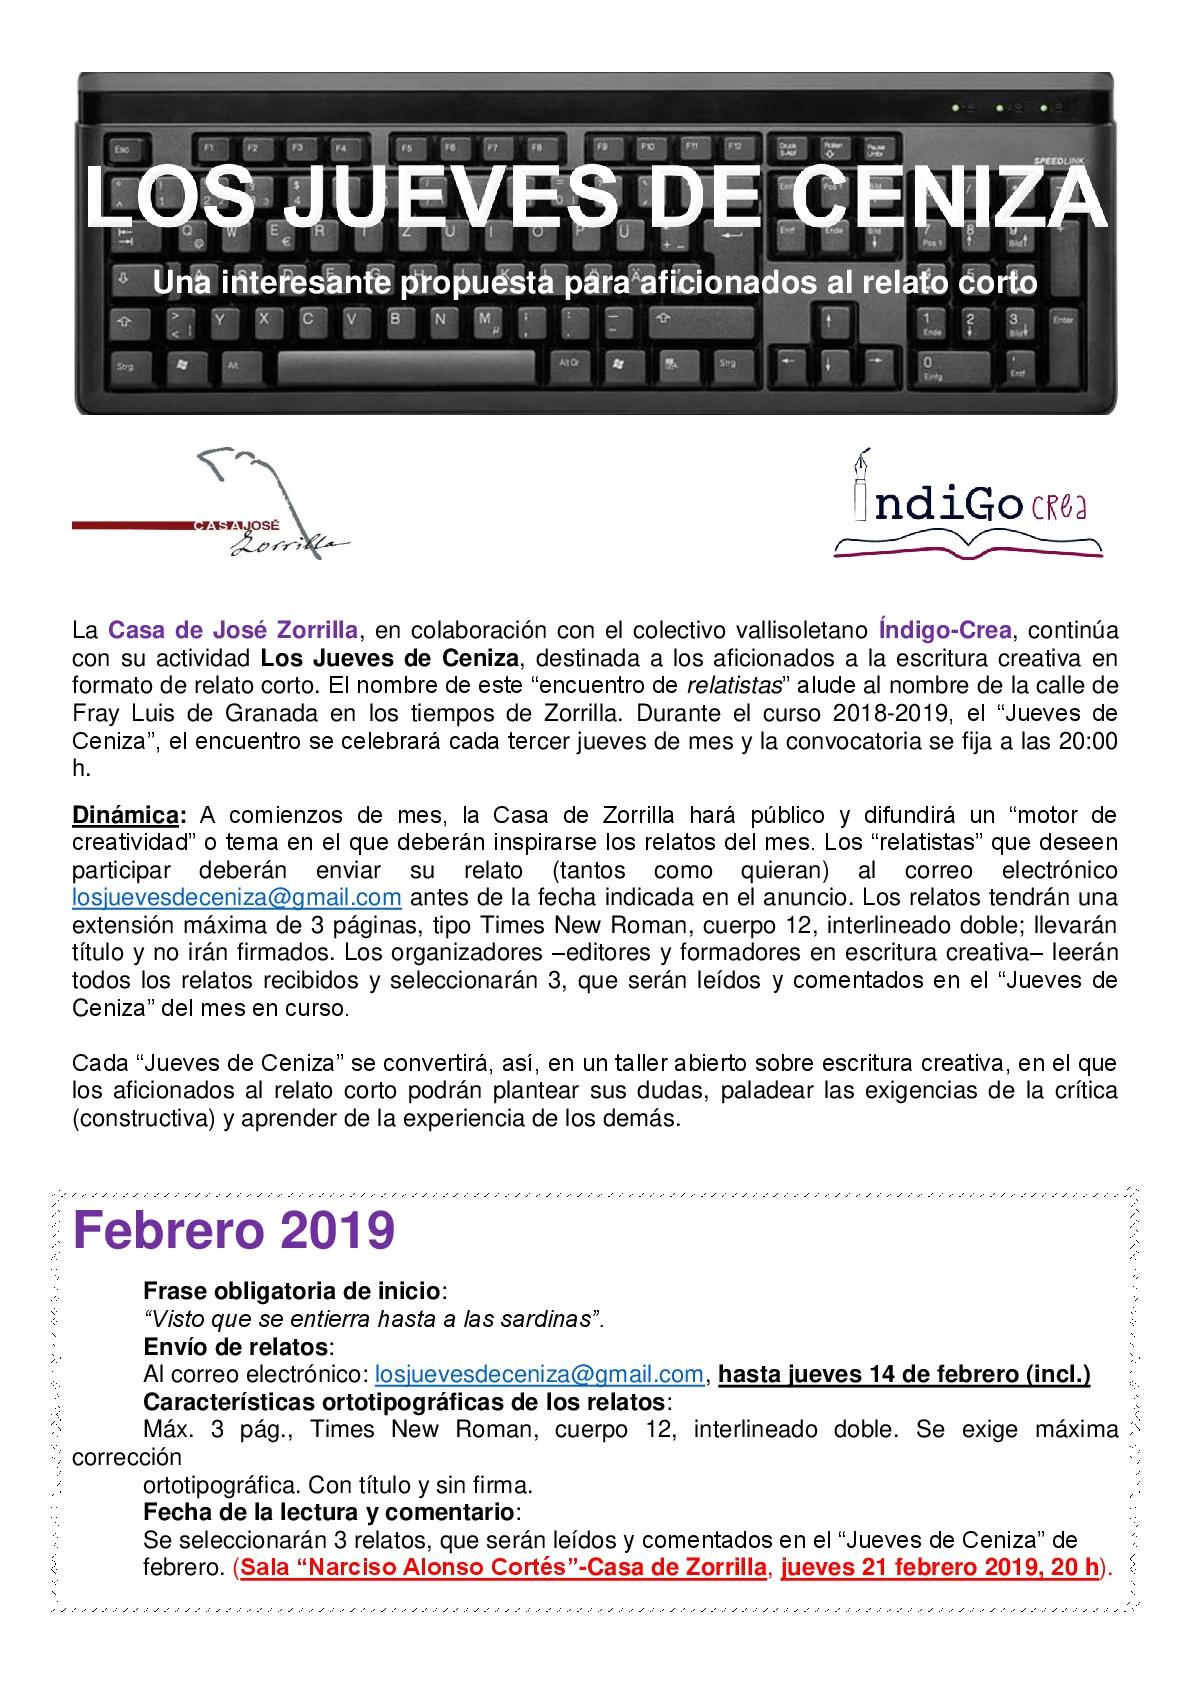 Jueves de Ceniza. Convocatoria de febrero 2019